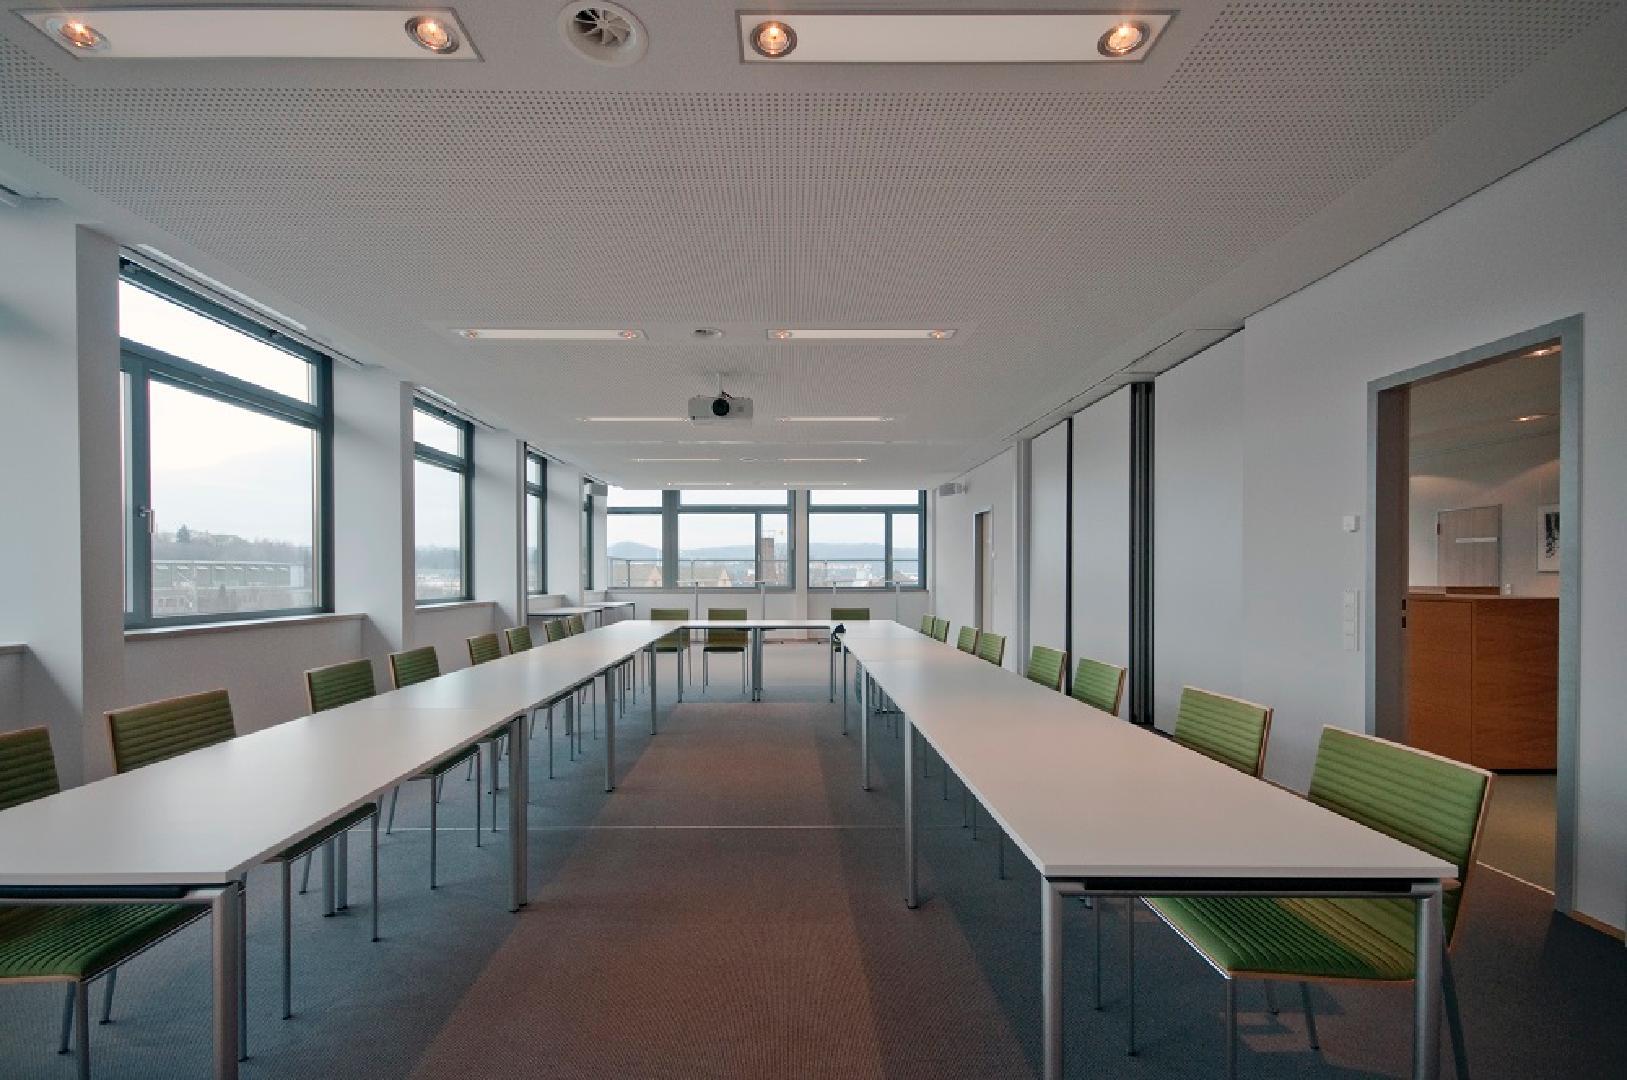 Picture 1 of Technologie- und Gründerzentrum